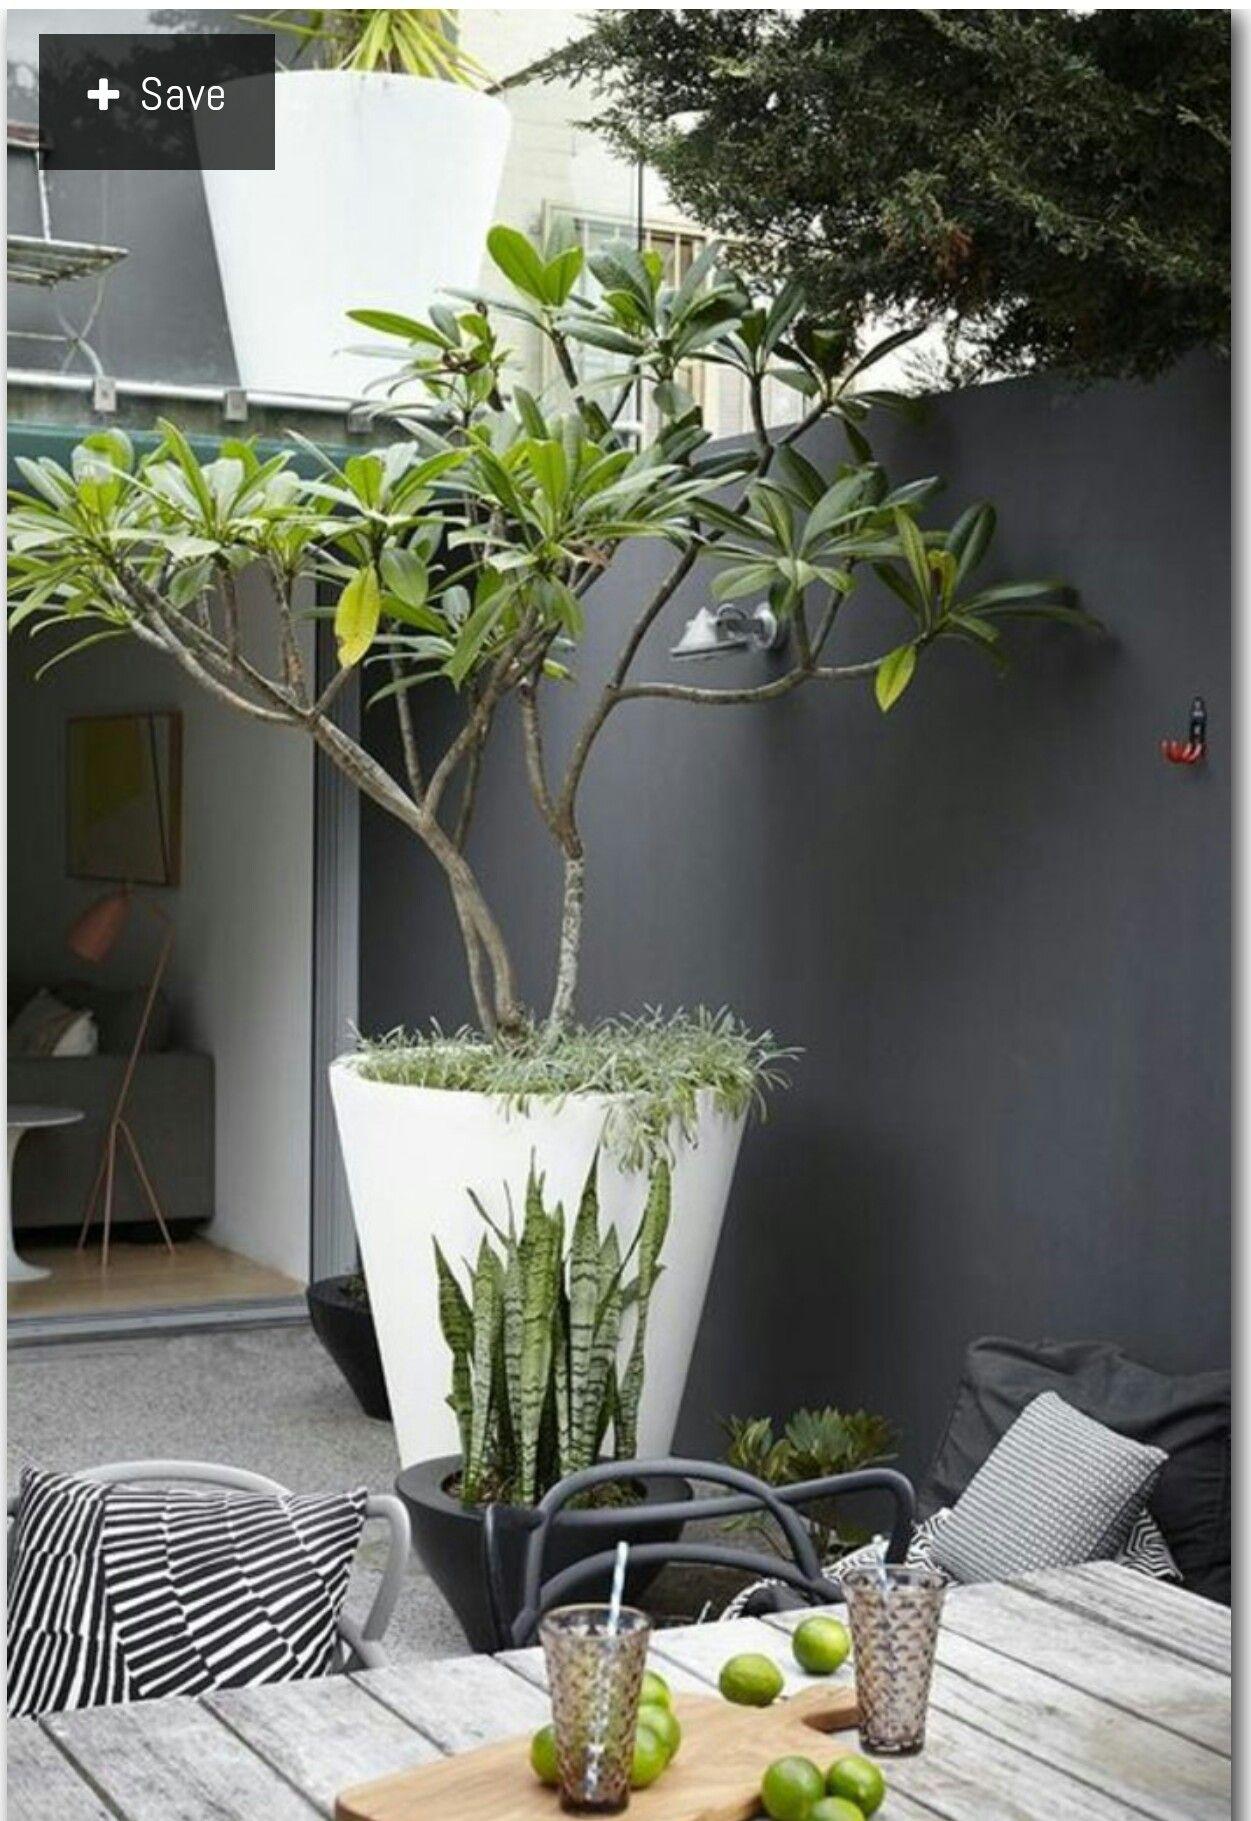 24eddeb07b77f83c1308d8b786ff5819 Frais De Decoration Jardin Zen Exterieur Des Idées